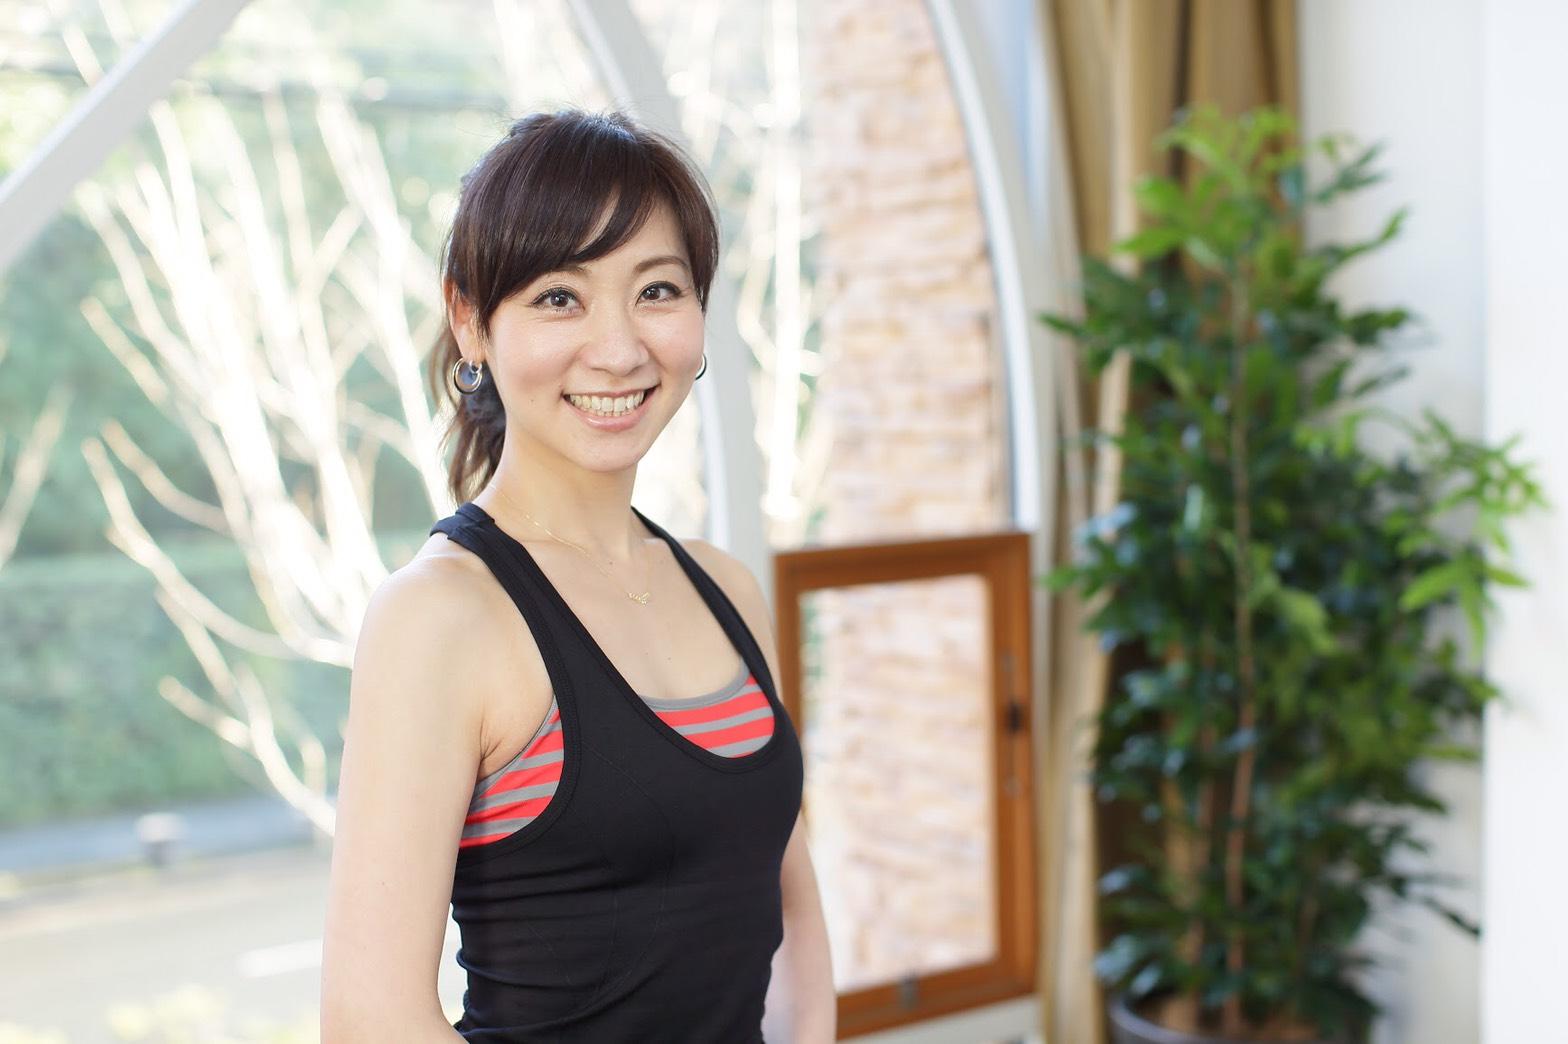 kirari(キラリ)福島店 - Sayoko(サヨコ)さんの写真